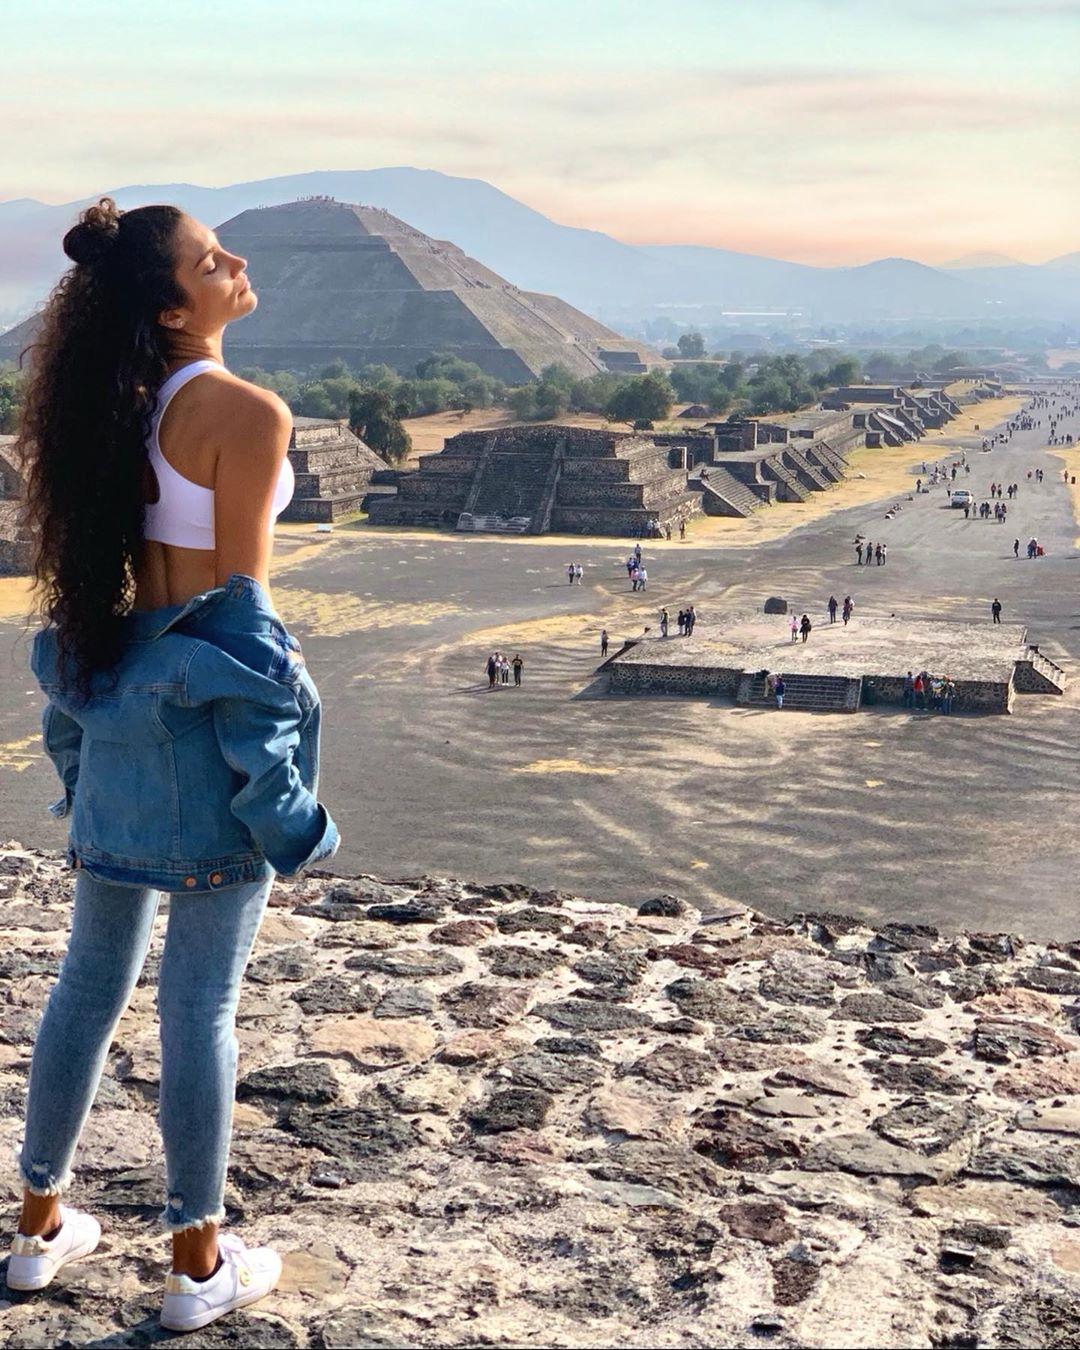 georgina vargas, candidata a miss mexico 2020, representando coahuila. - Página 3 81320310